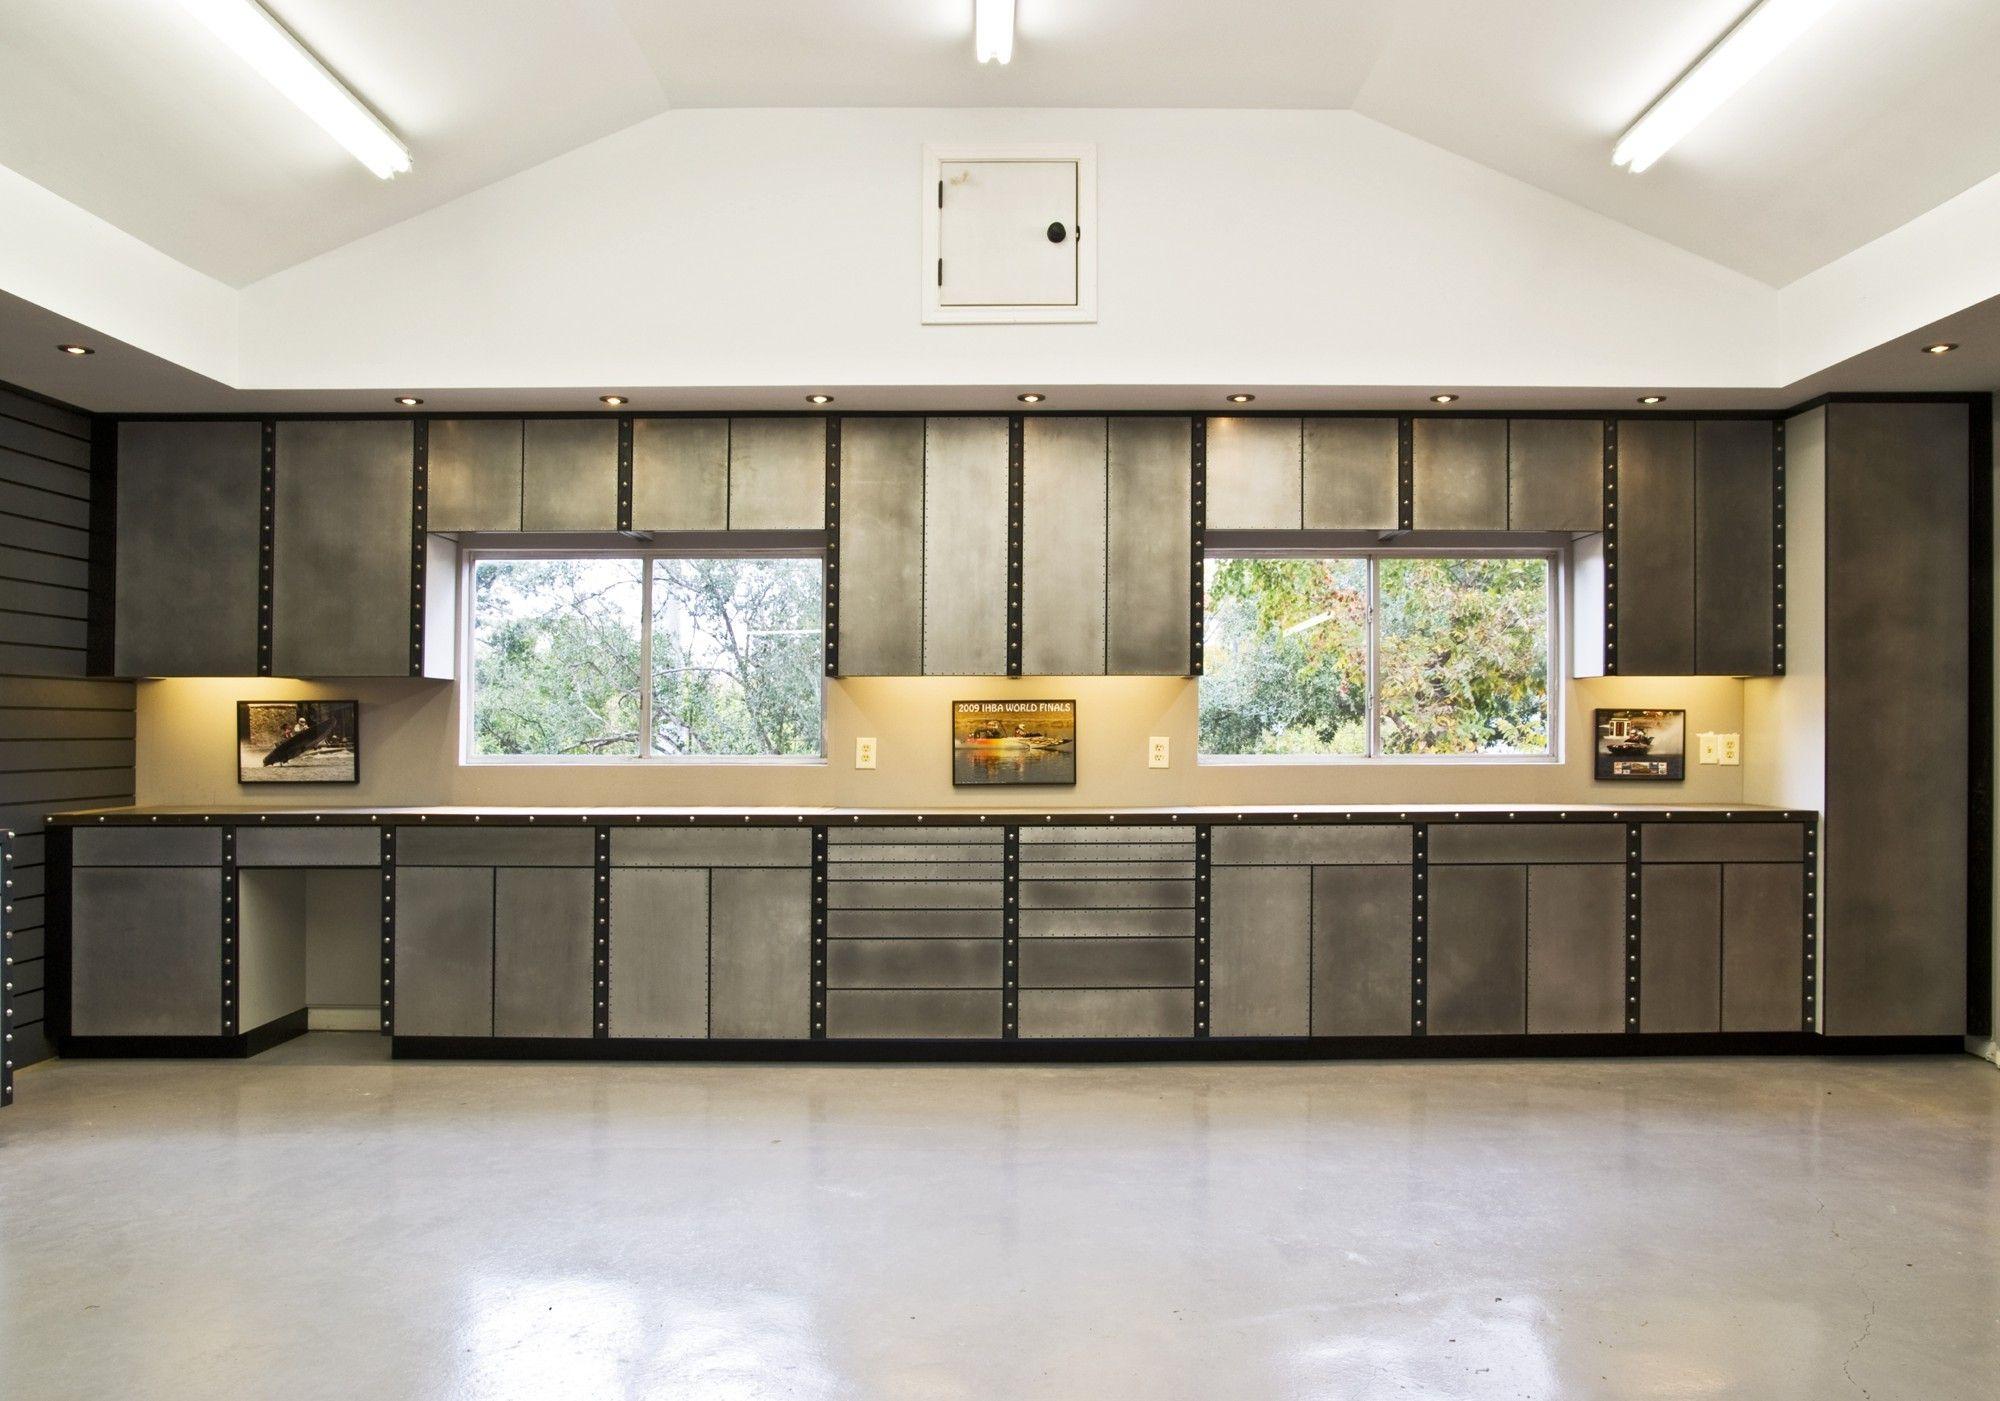 Cabinet Design Storage Ideas Modern Decoration Furniture Modern Space Saving Garage Cabinets Design Car Gu Garage Interior Garage Design Interior Garage Design